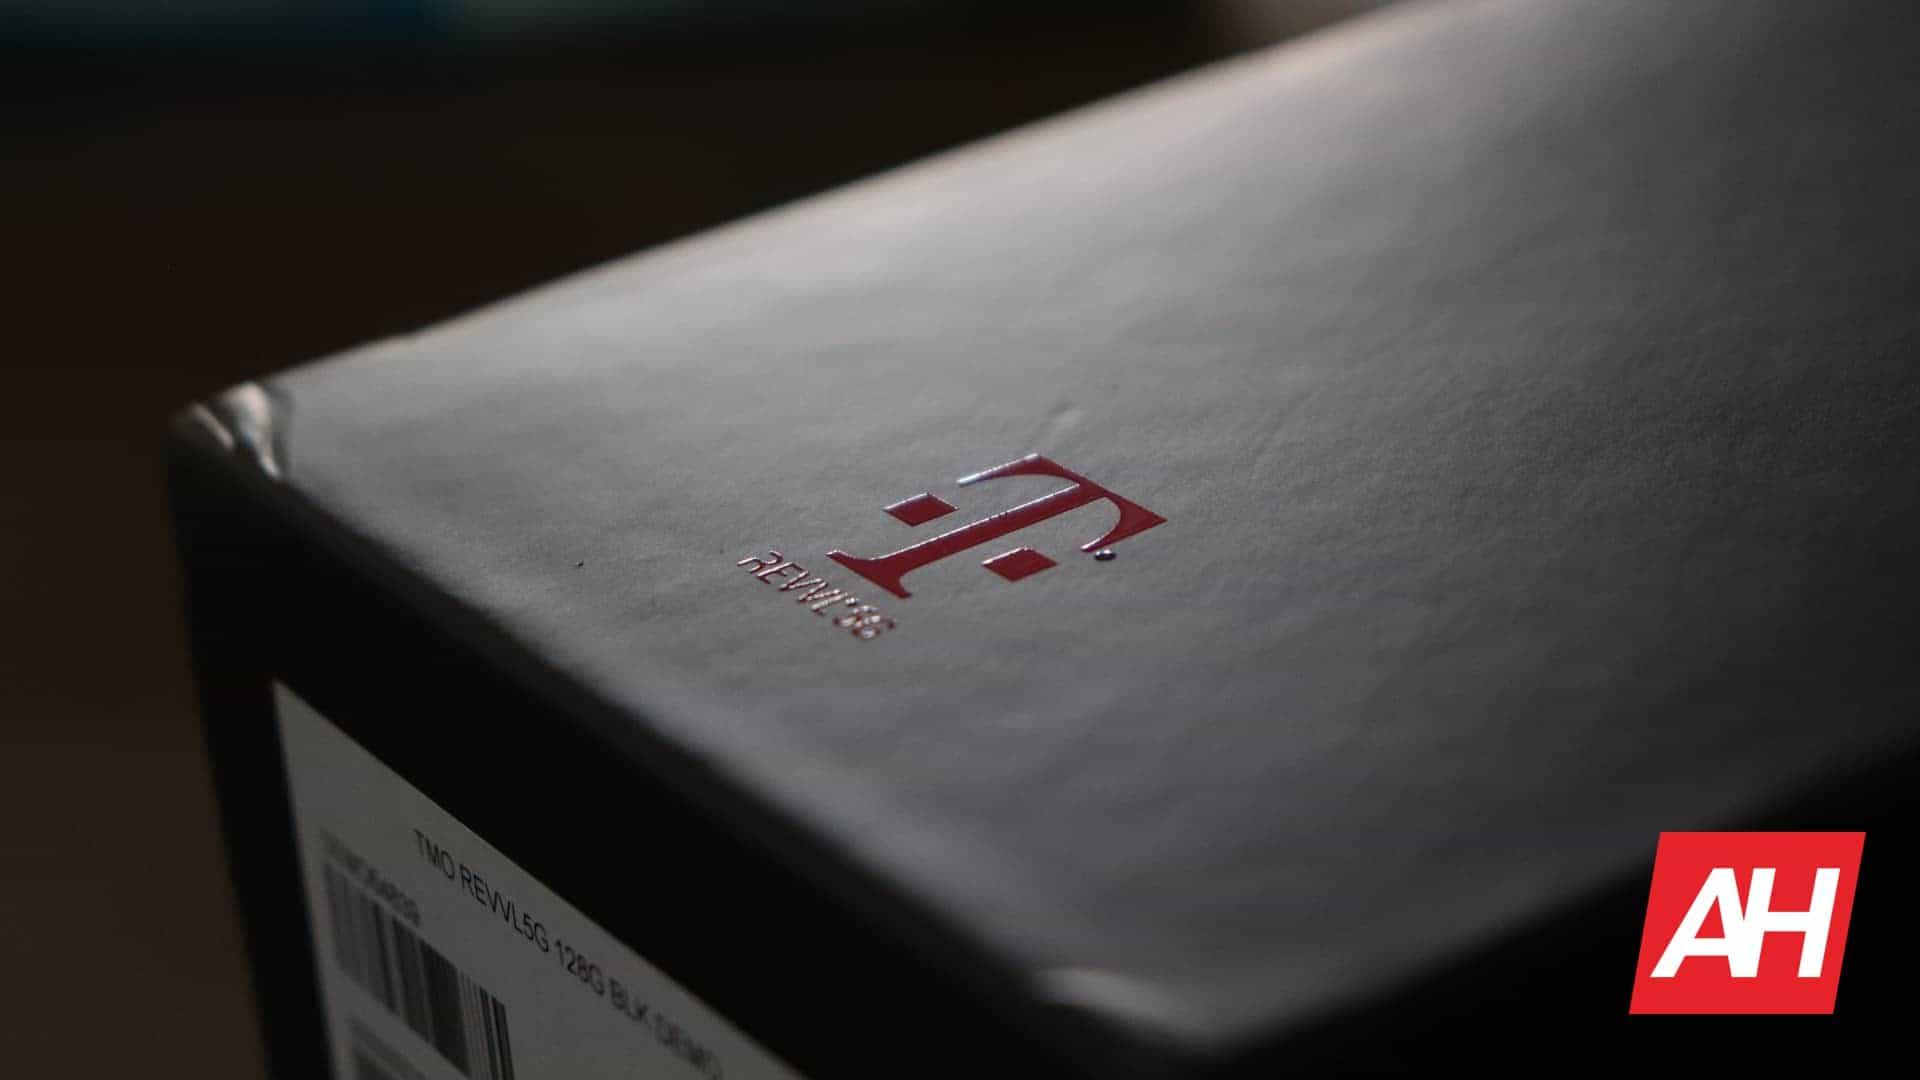 02 T Mobile Logo REVVL DG AH 2020